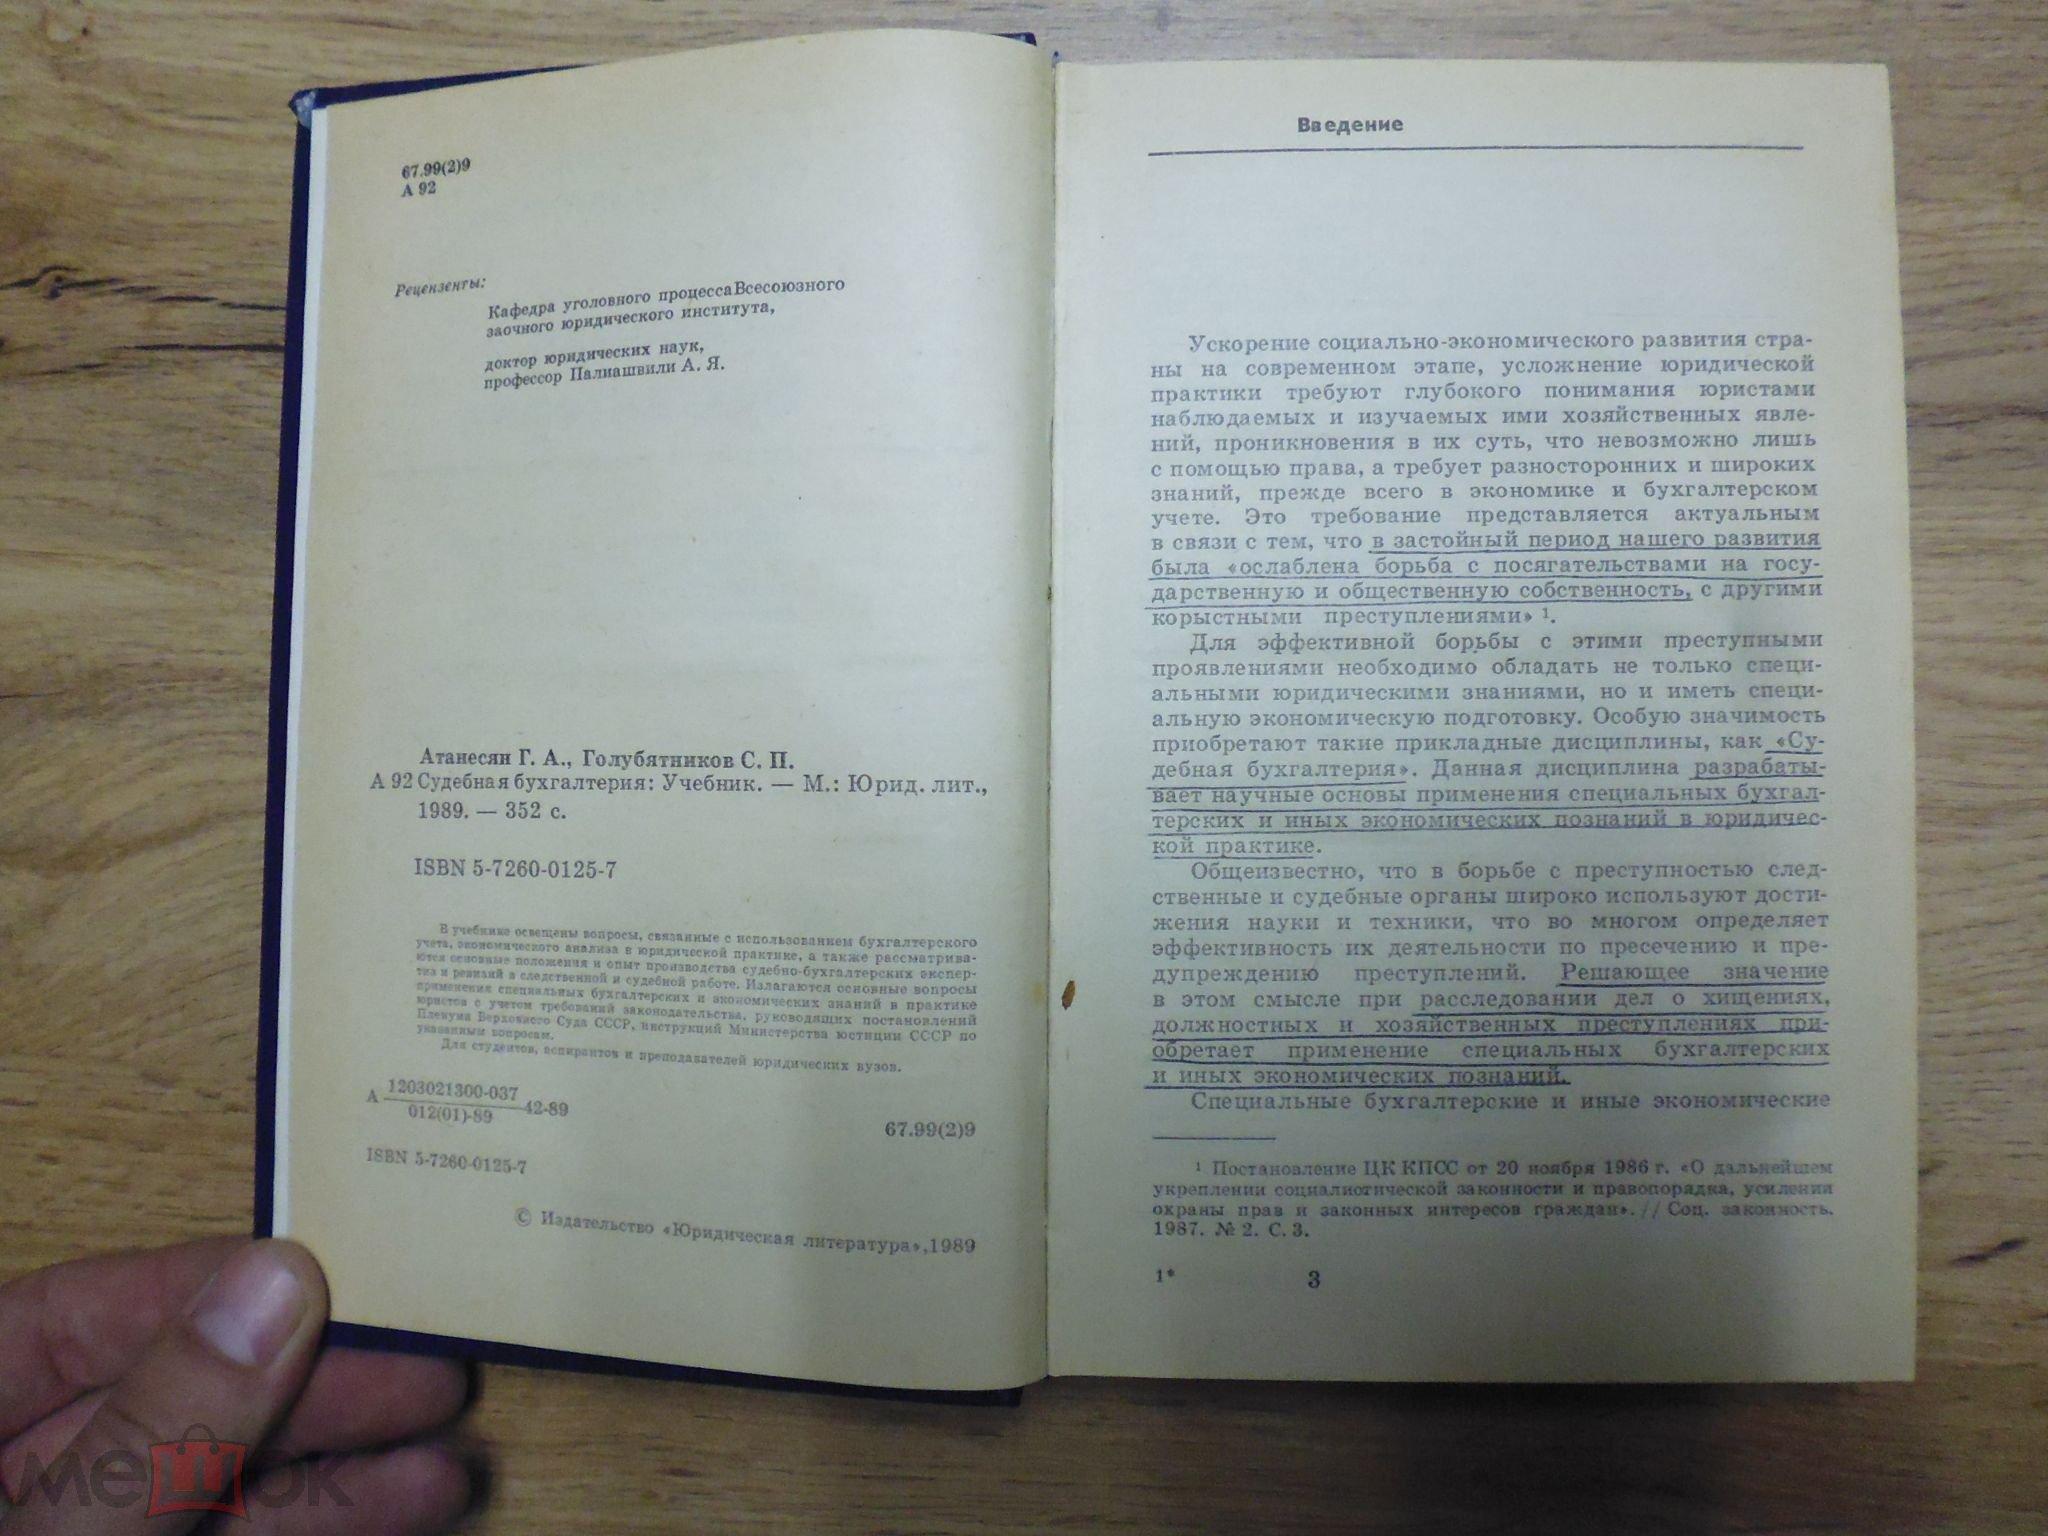 Судебная бухгалтерия учебник голубятников декларация 3 ндфл бланк распечатать